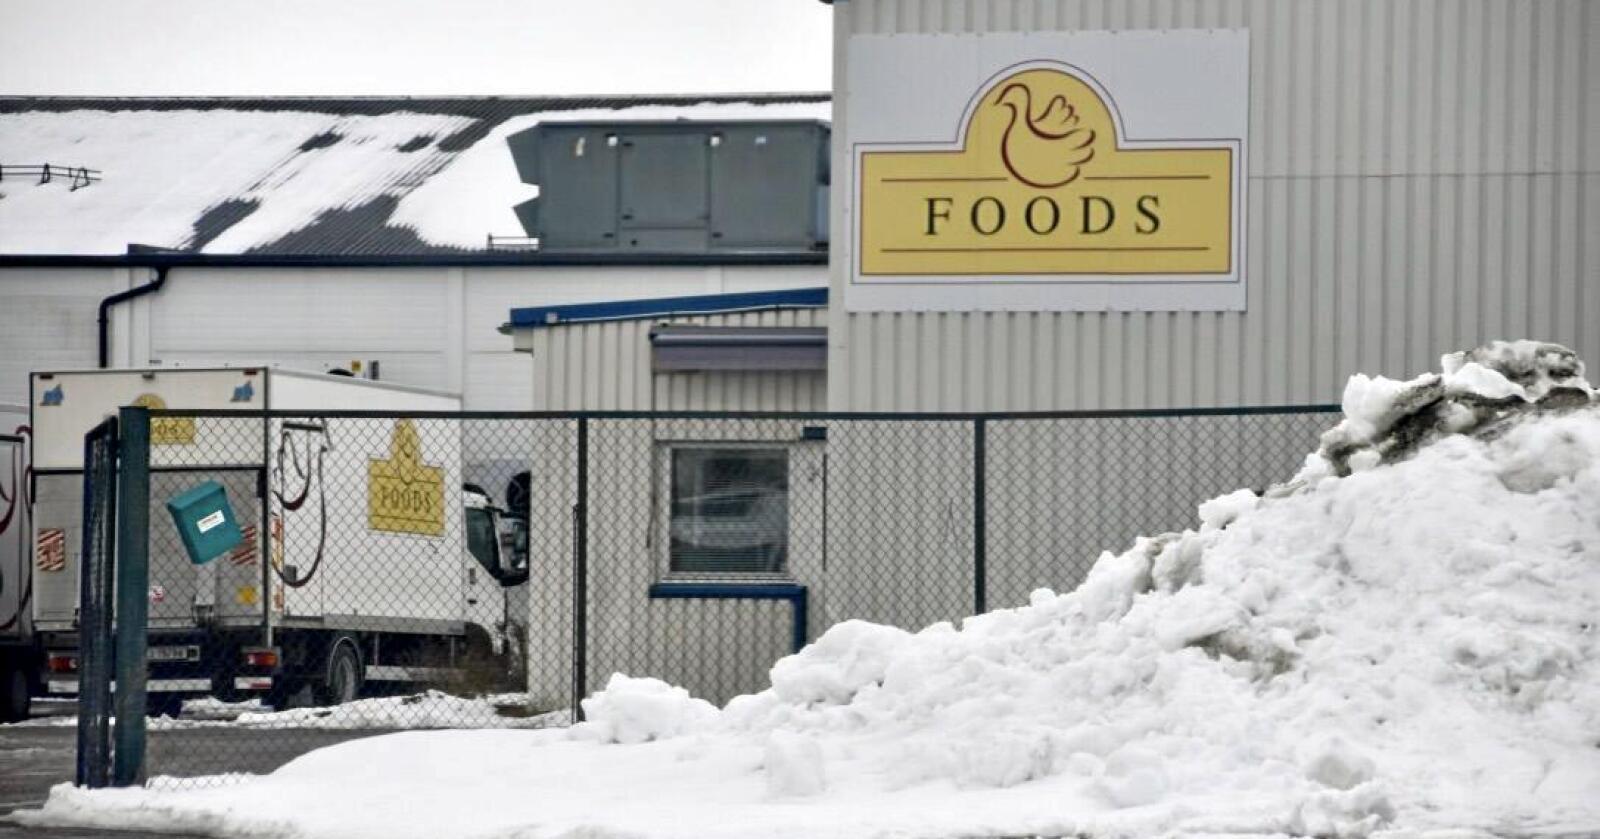 Krokstad industriområde har i flere år vært produksjonslokalene til Foods AS. Nå har et nytt selskap etablert seg i produksjonslokalene: Foto: Nationen